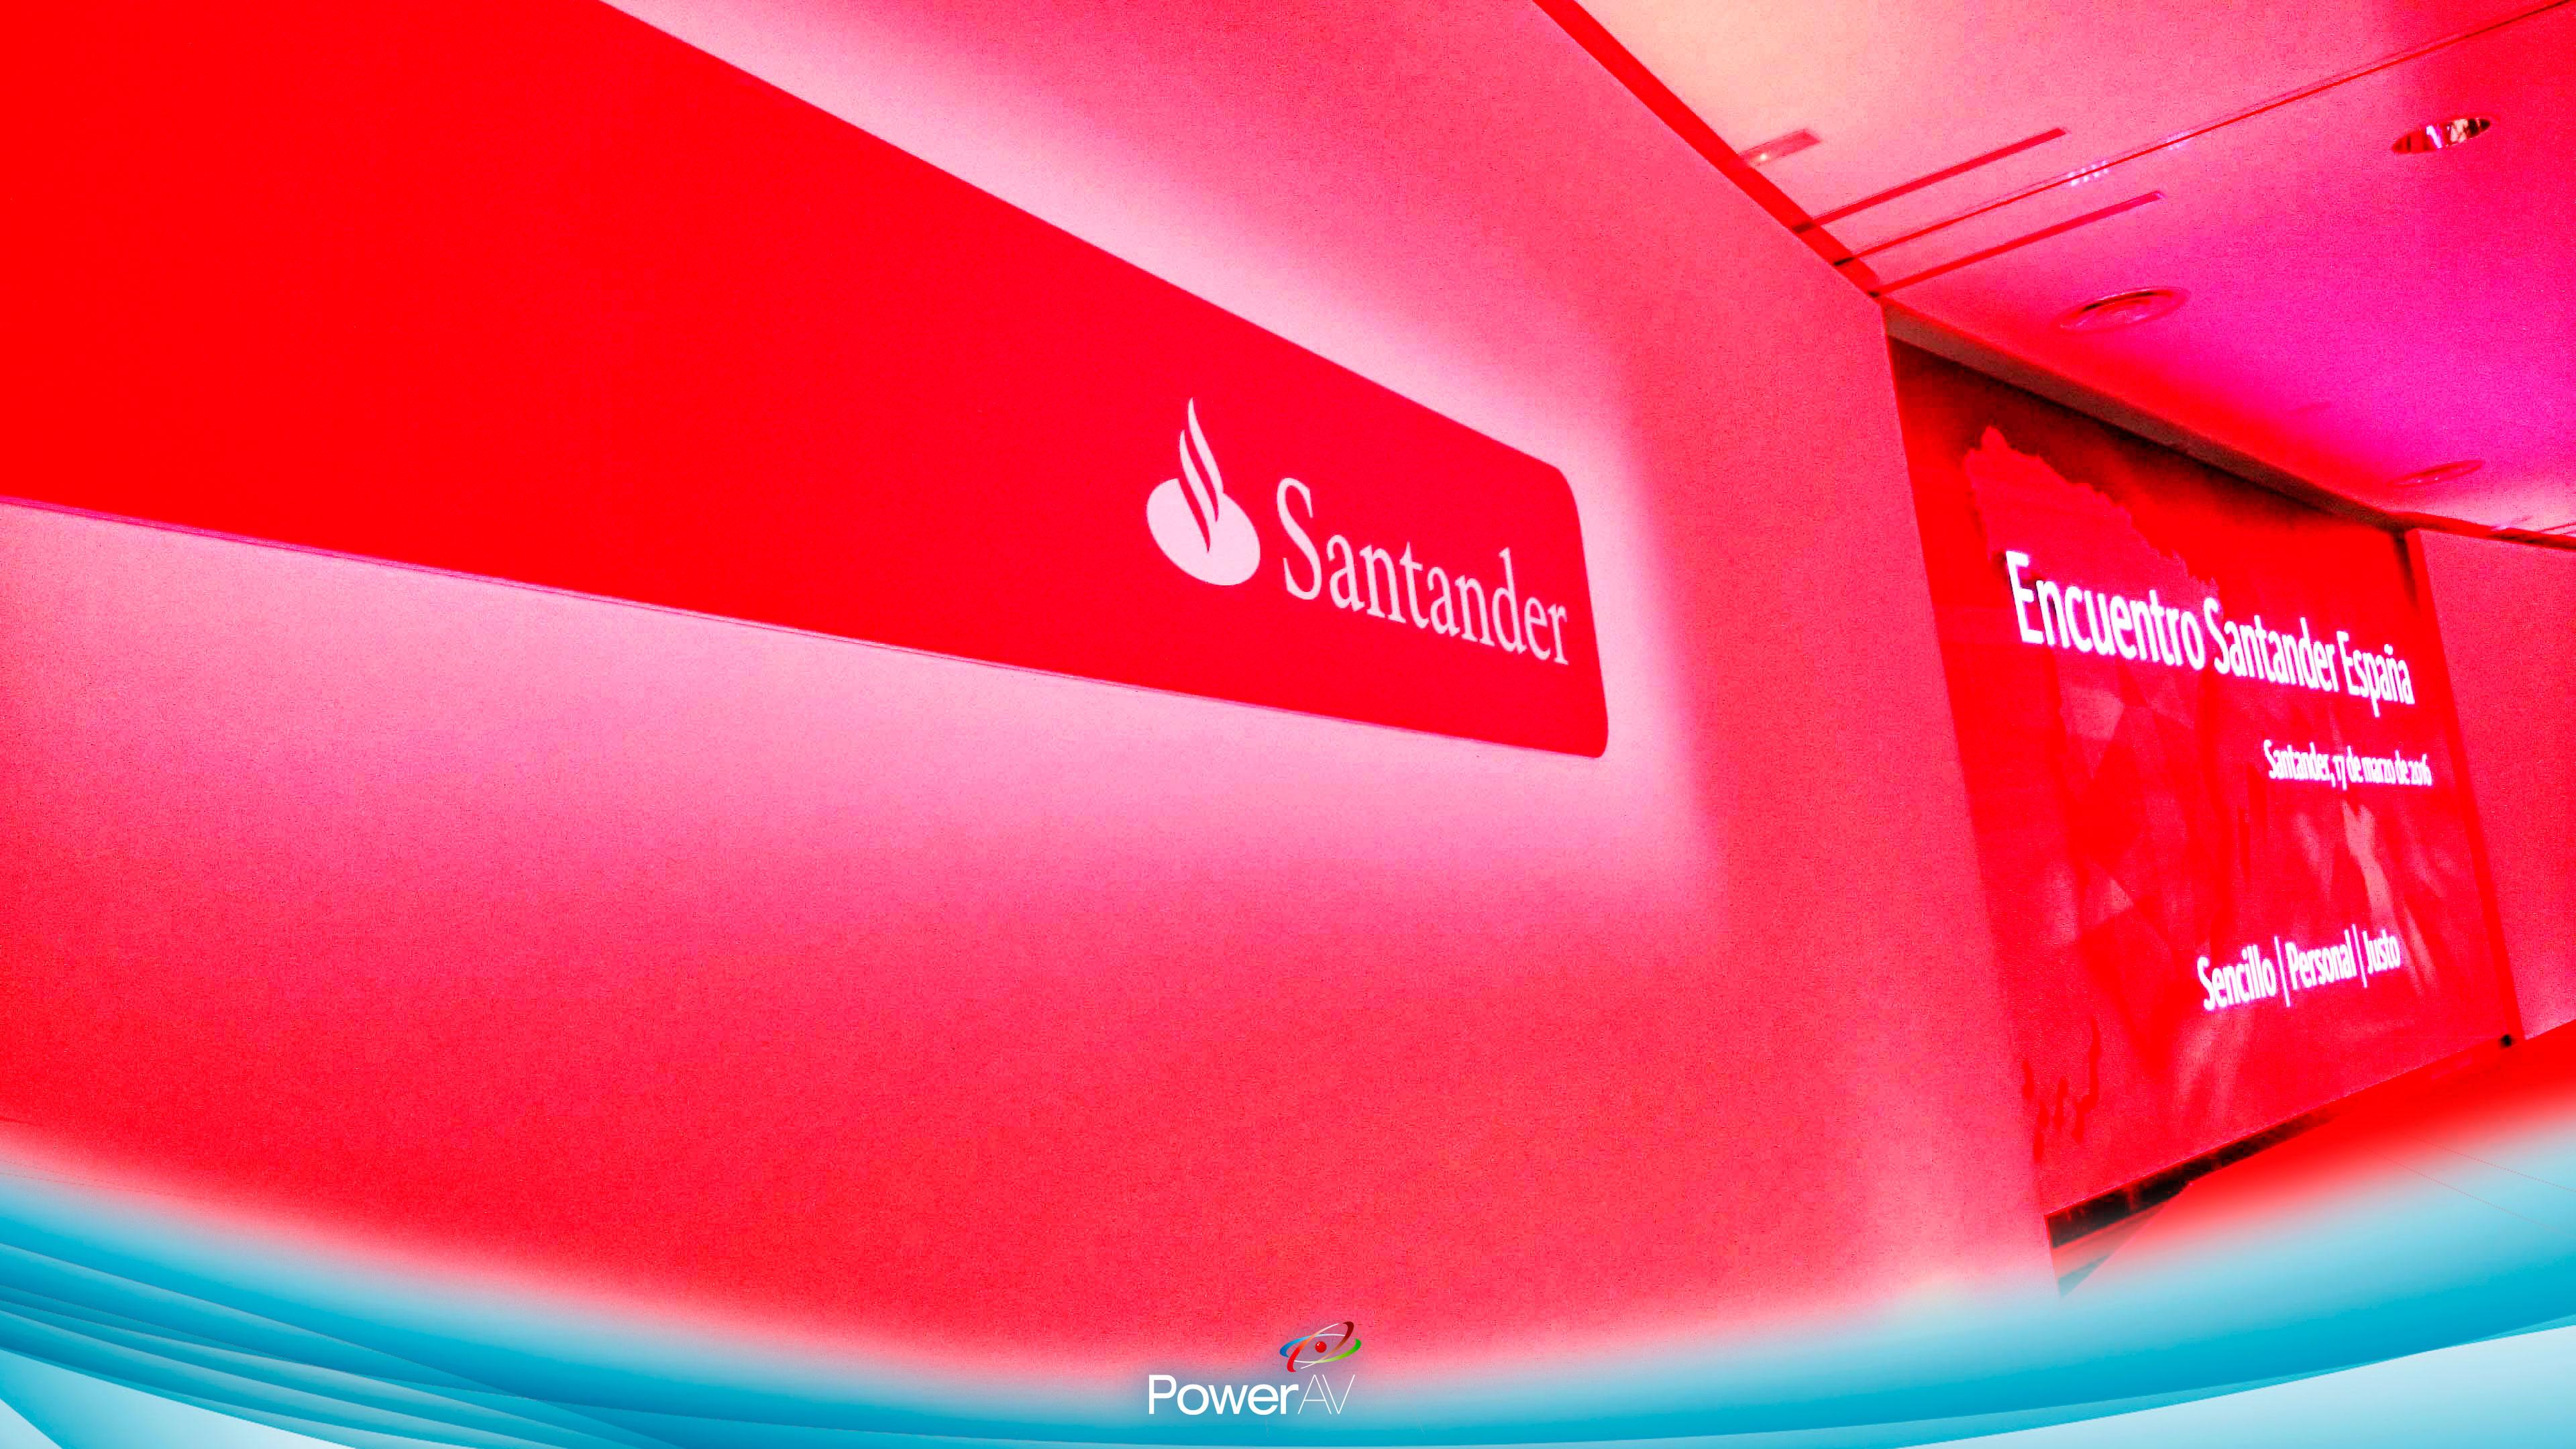 Encuentro Santander 2016